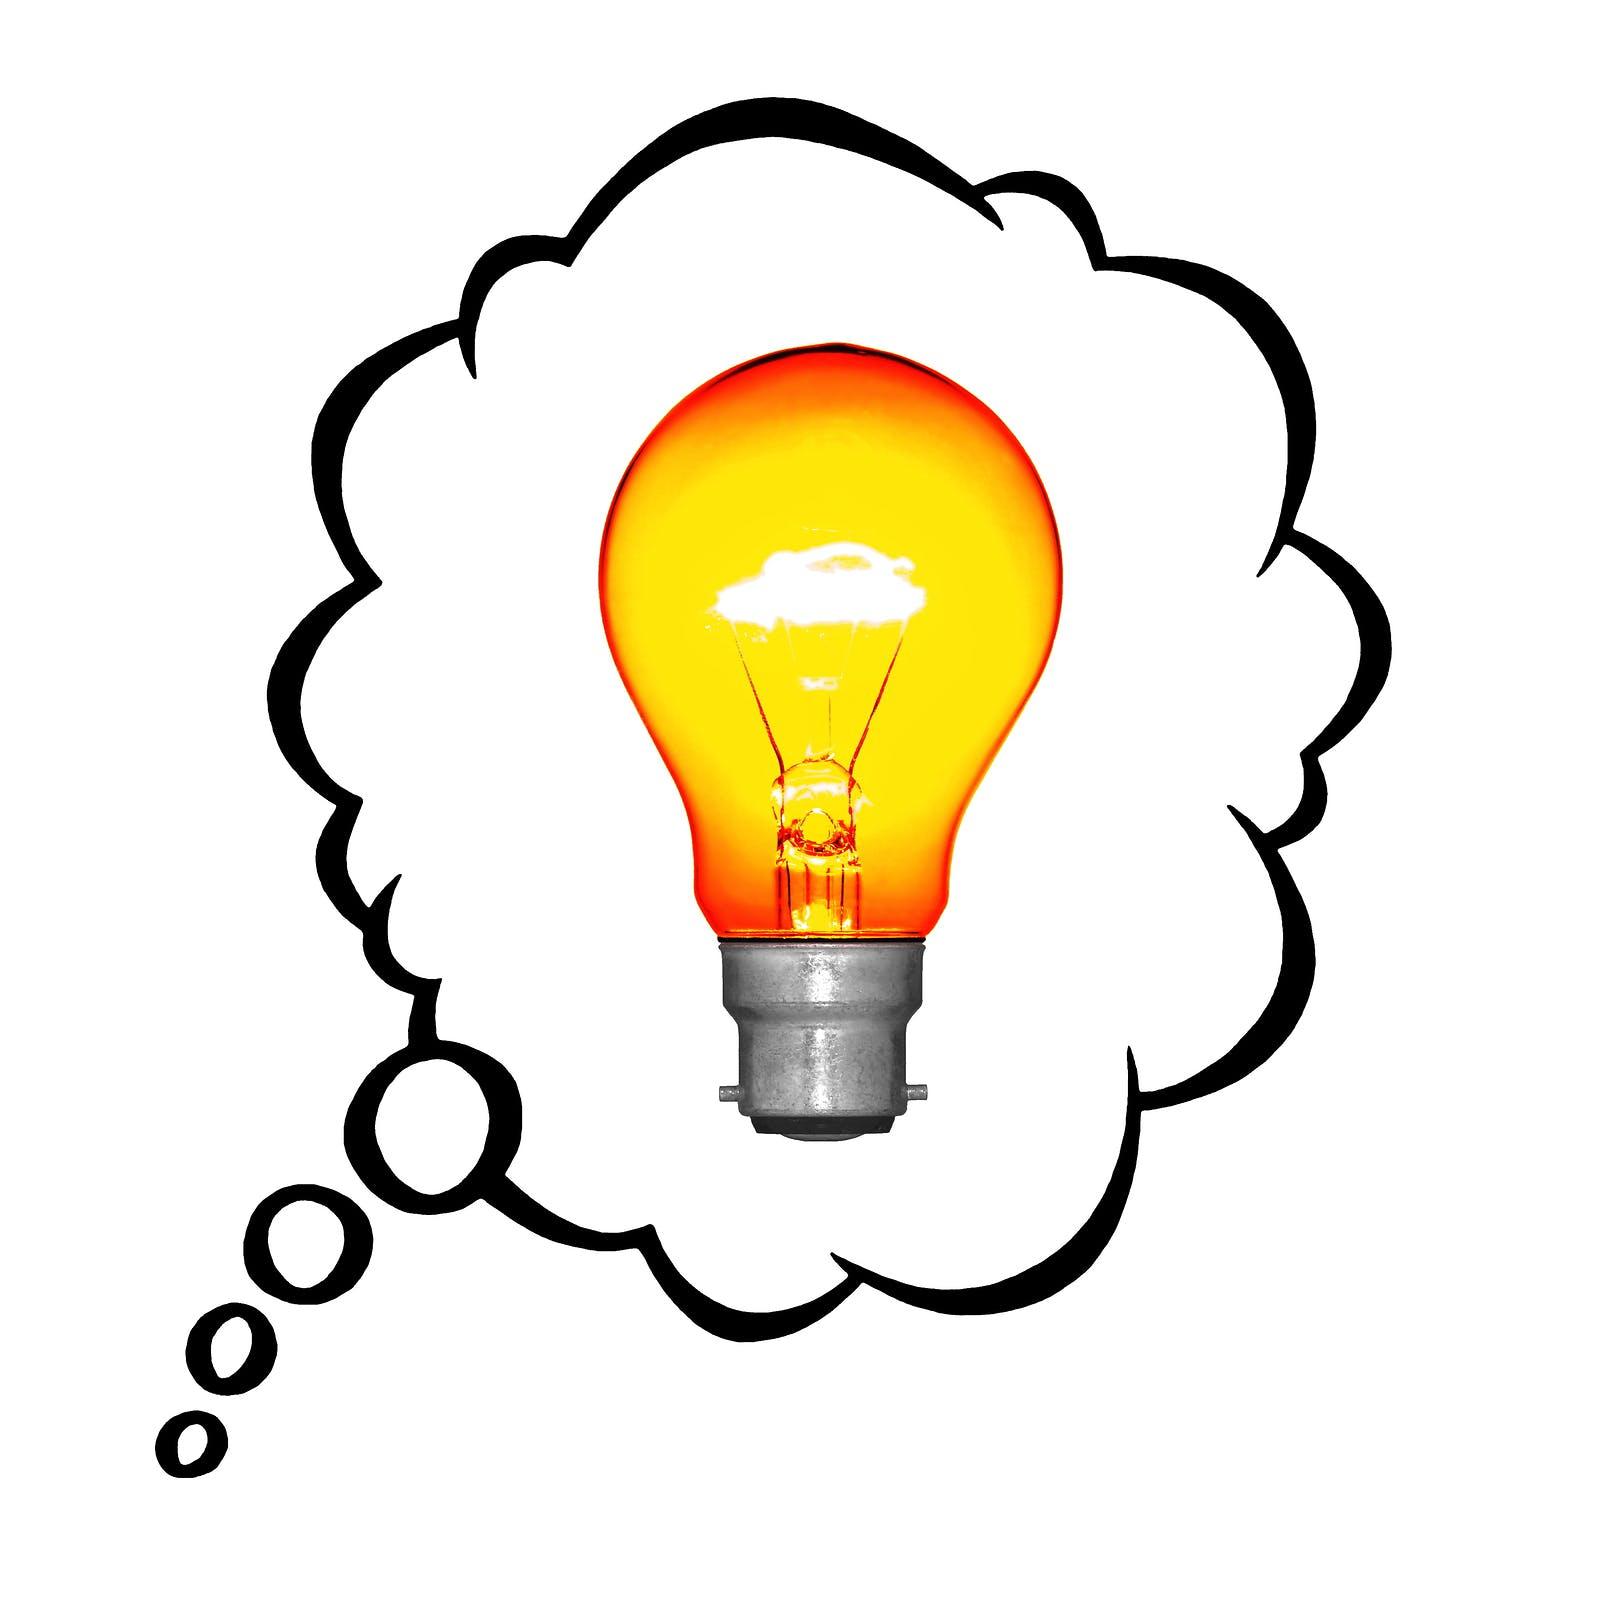 Idea for a Light sensor